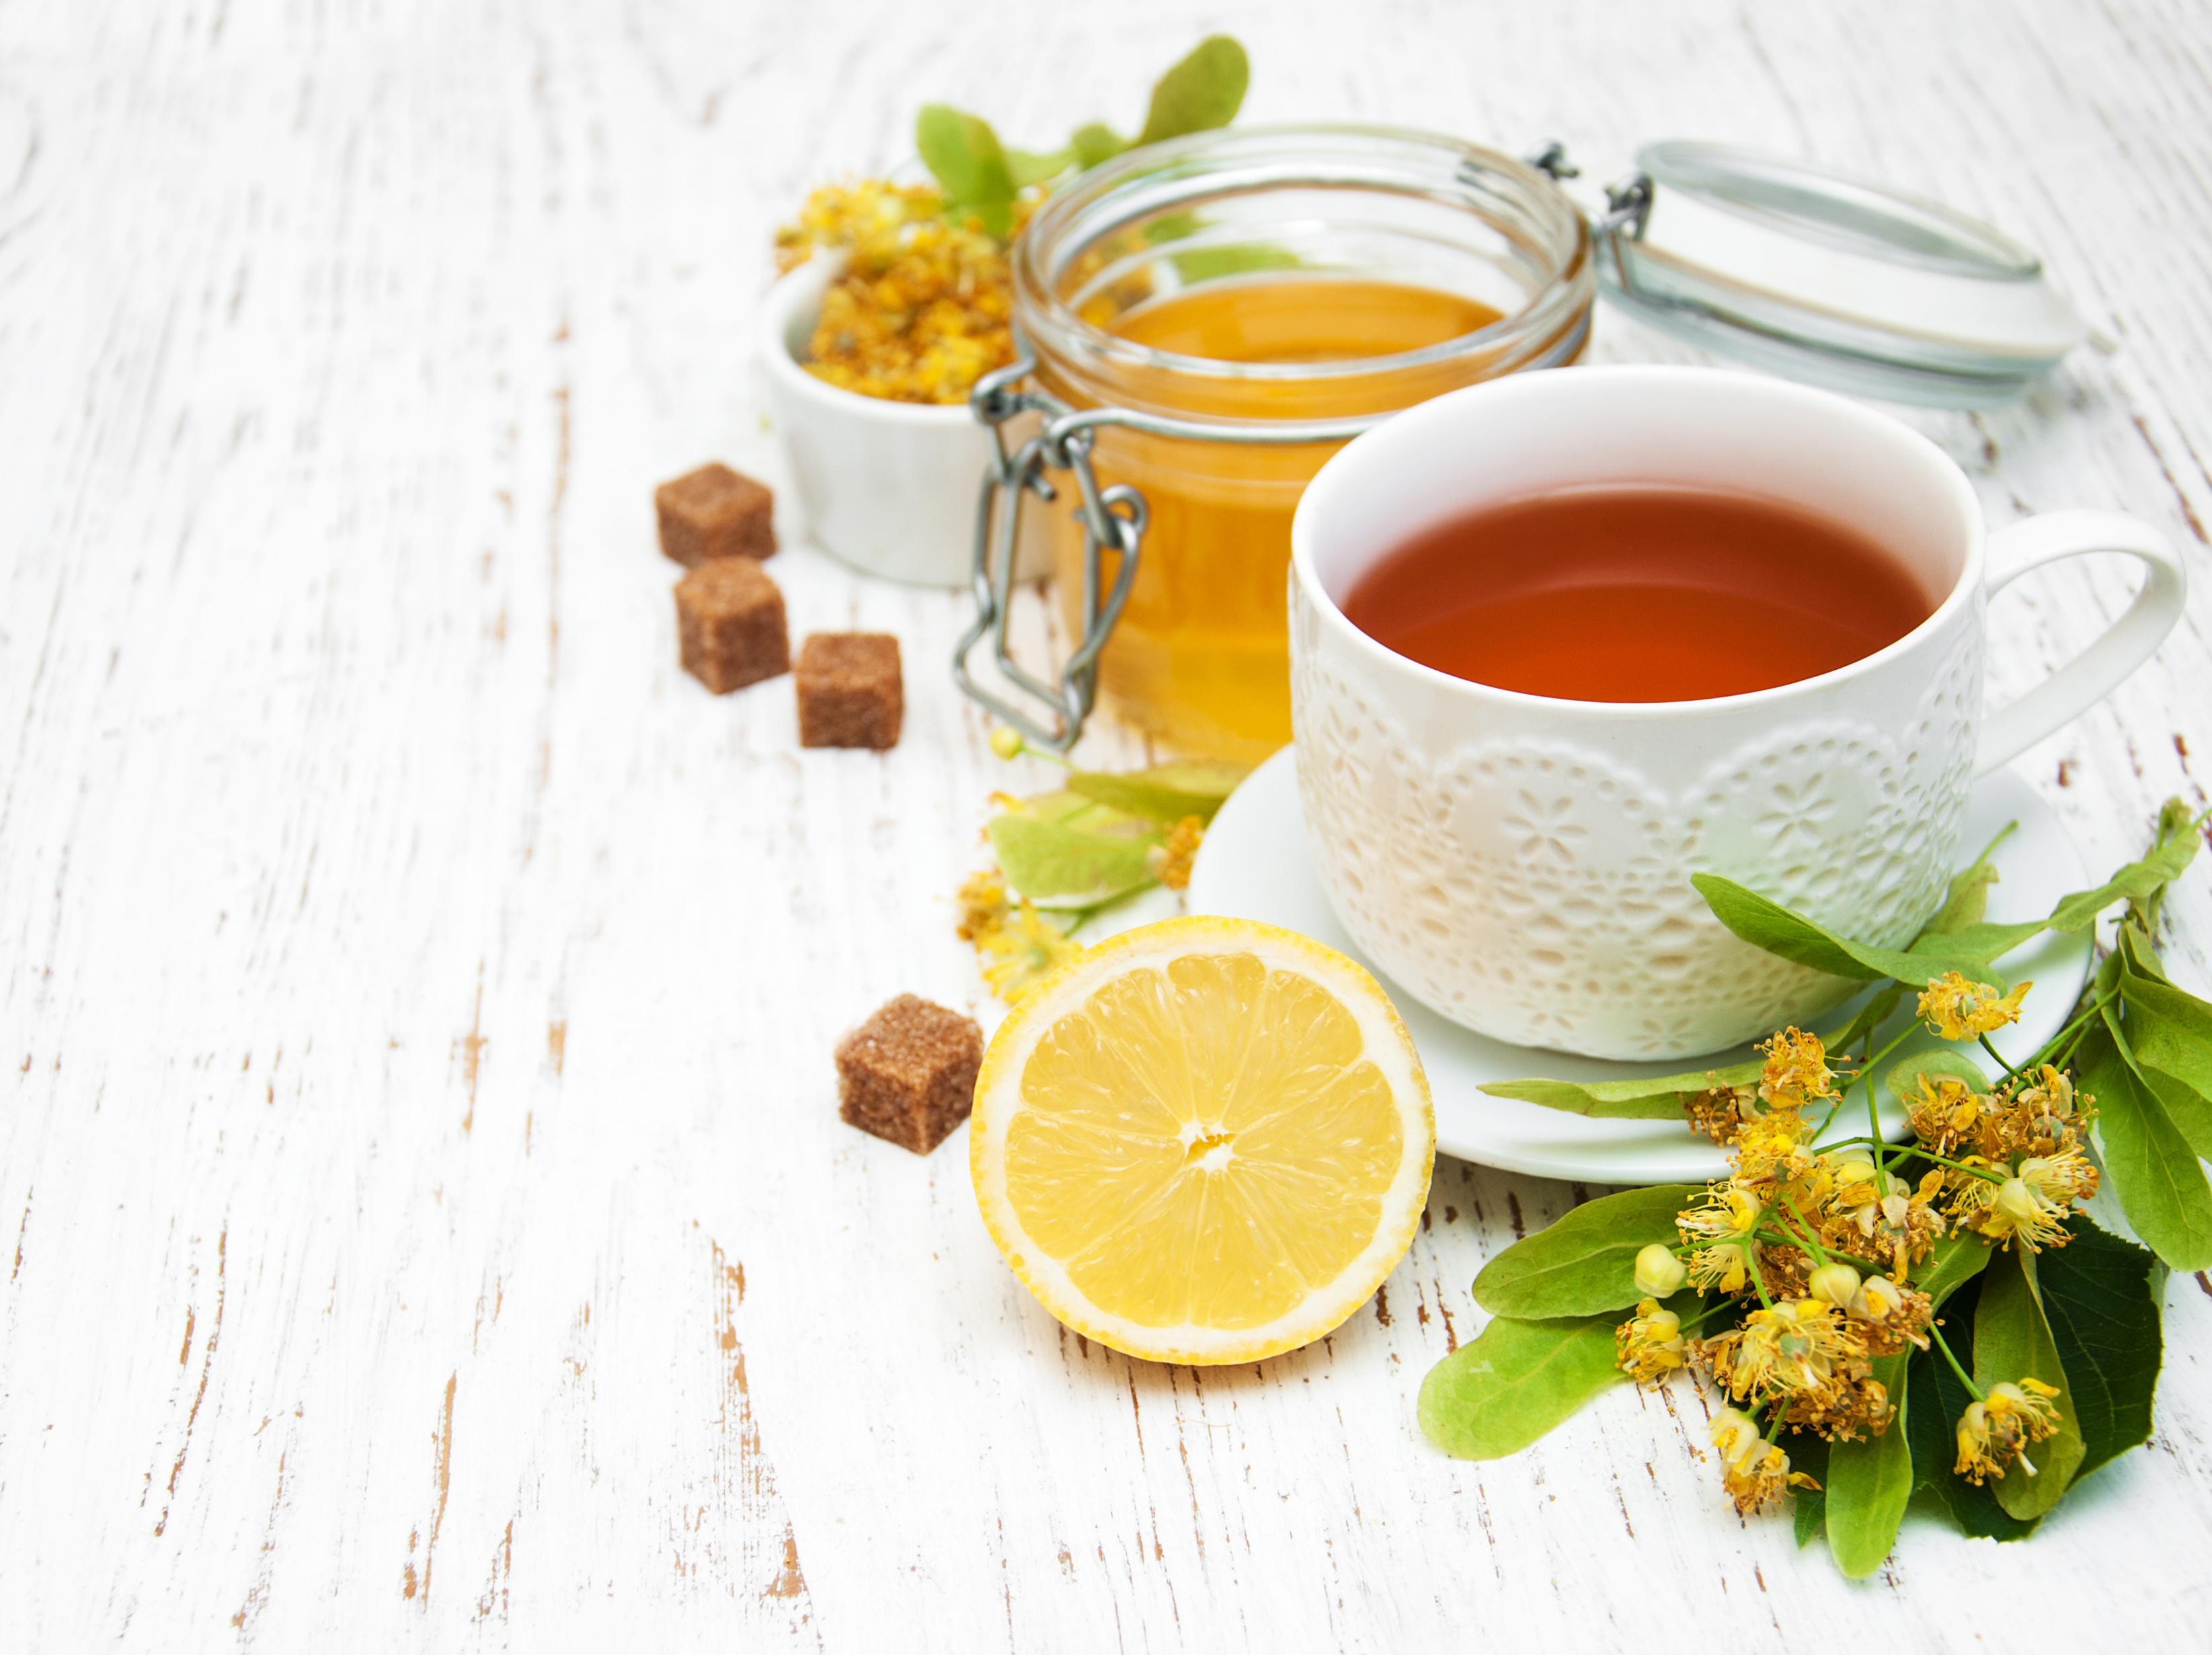 Картинки чай с липы с медом